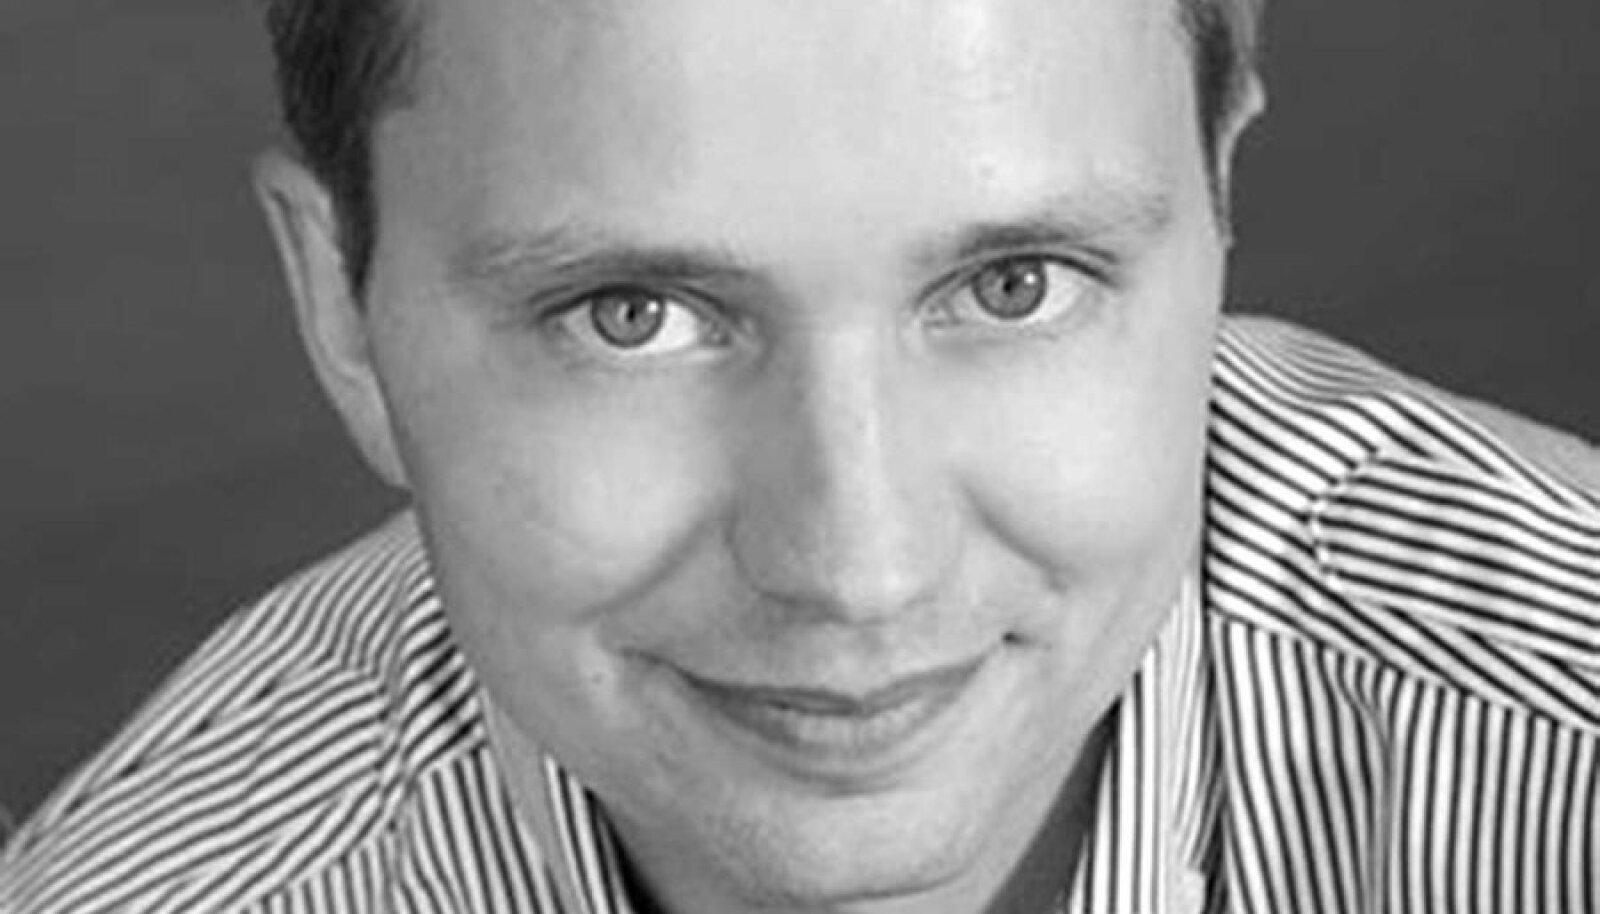 Võõra kukru tühjendaja pesitseb kukkurloomade maal: Prokuratuuri kinnitusel on Taavi Saavo Eestis tagaotsitav.